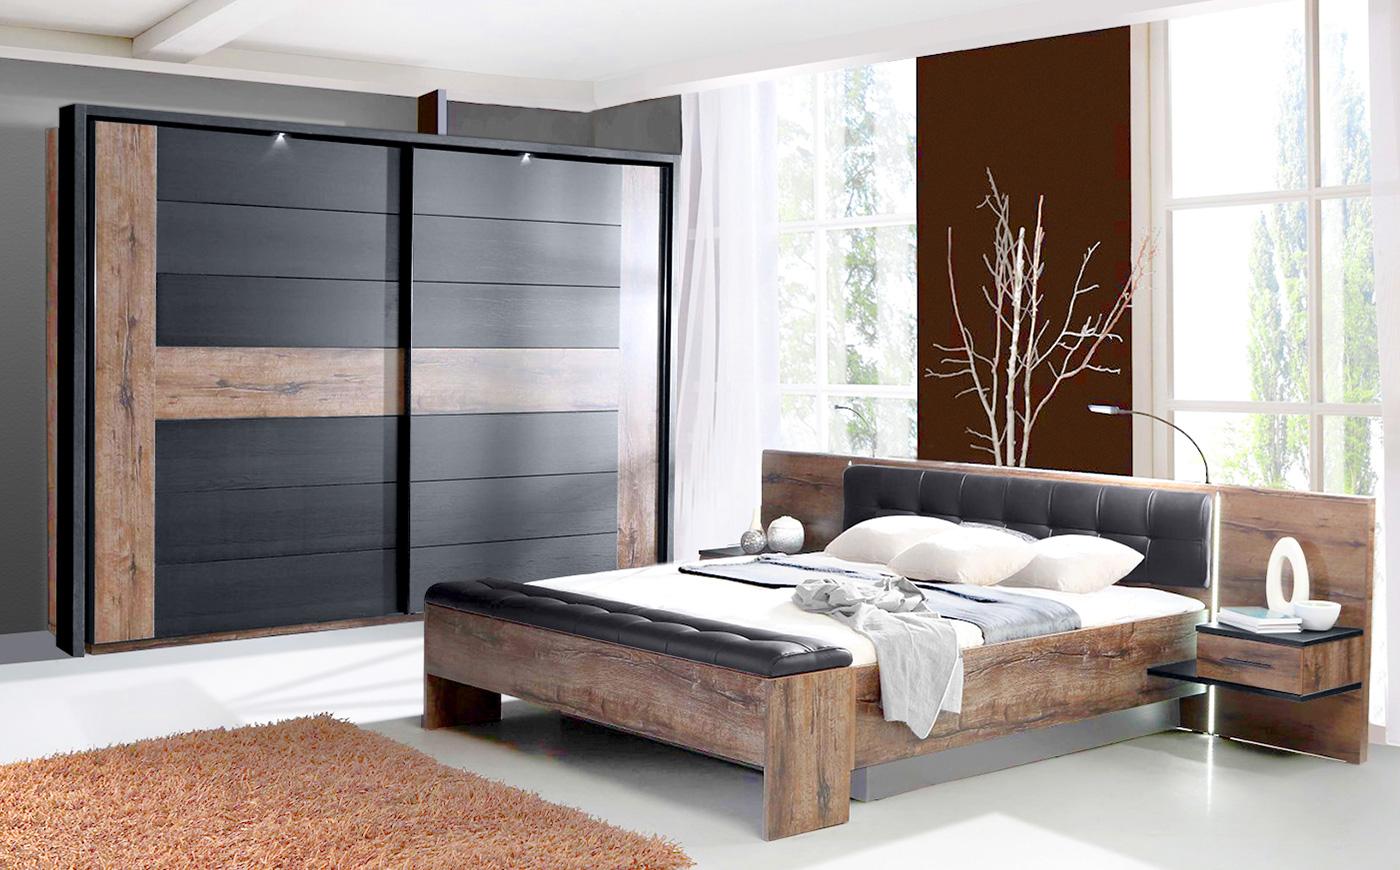 Schlafzimmer m belpiraten - Schlafzimmer ausstattung ...